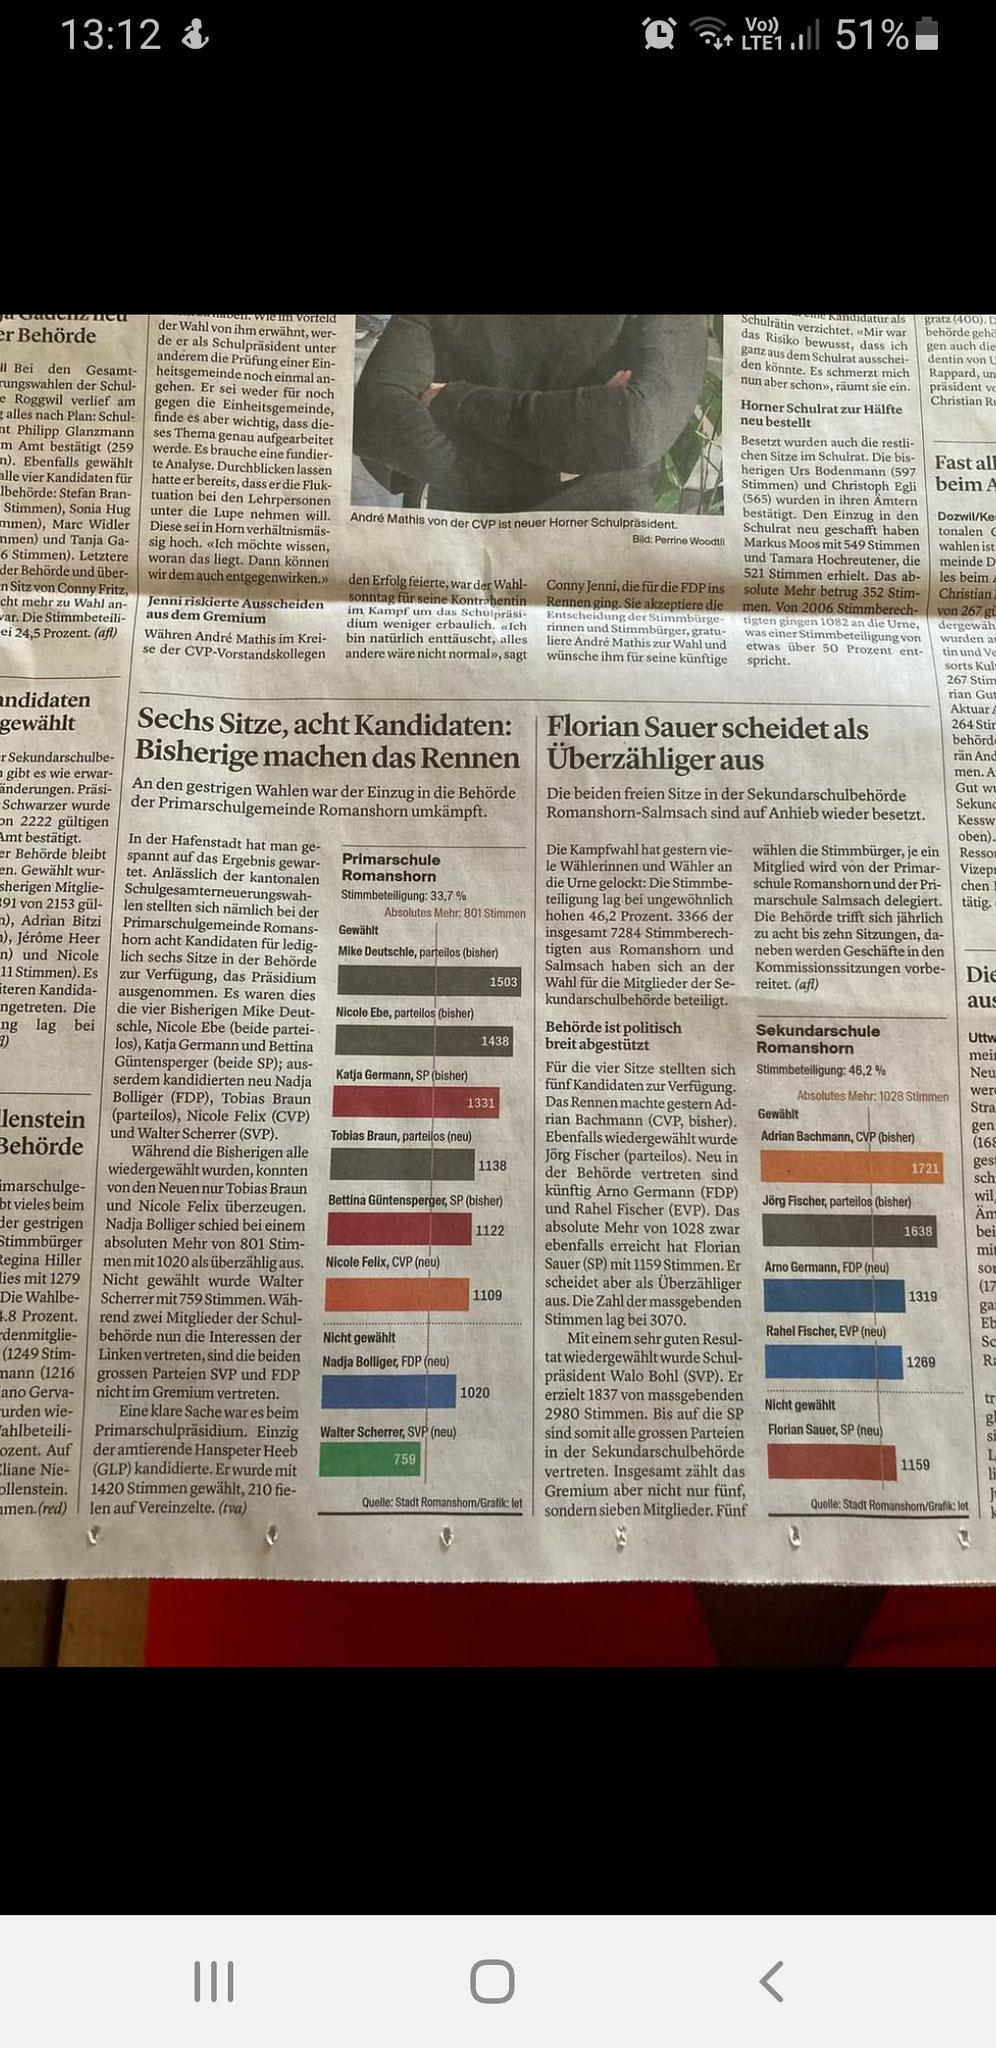 Thurgauer Zeitung Wahlergebnisse Schulbehörden 2021